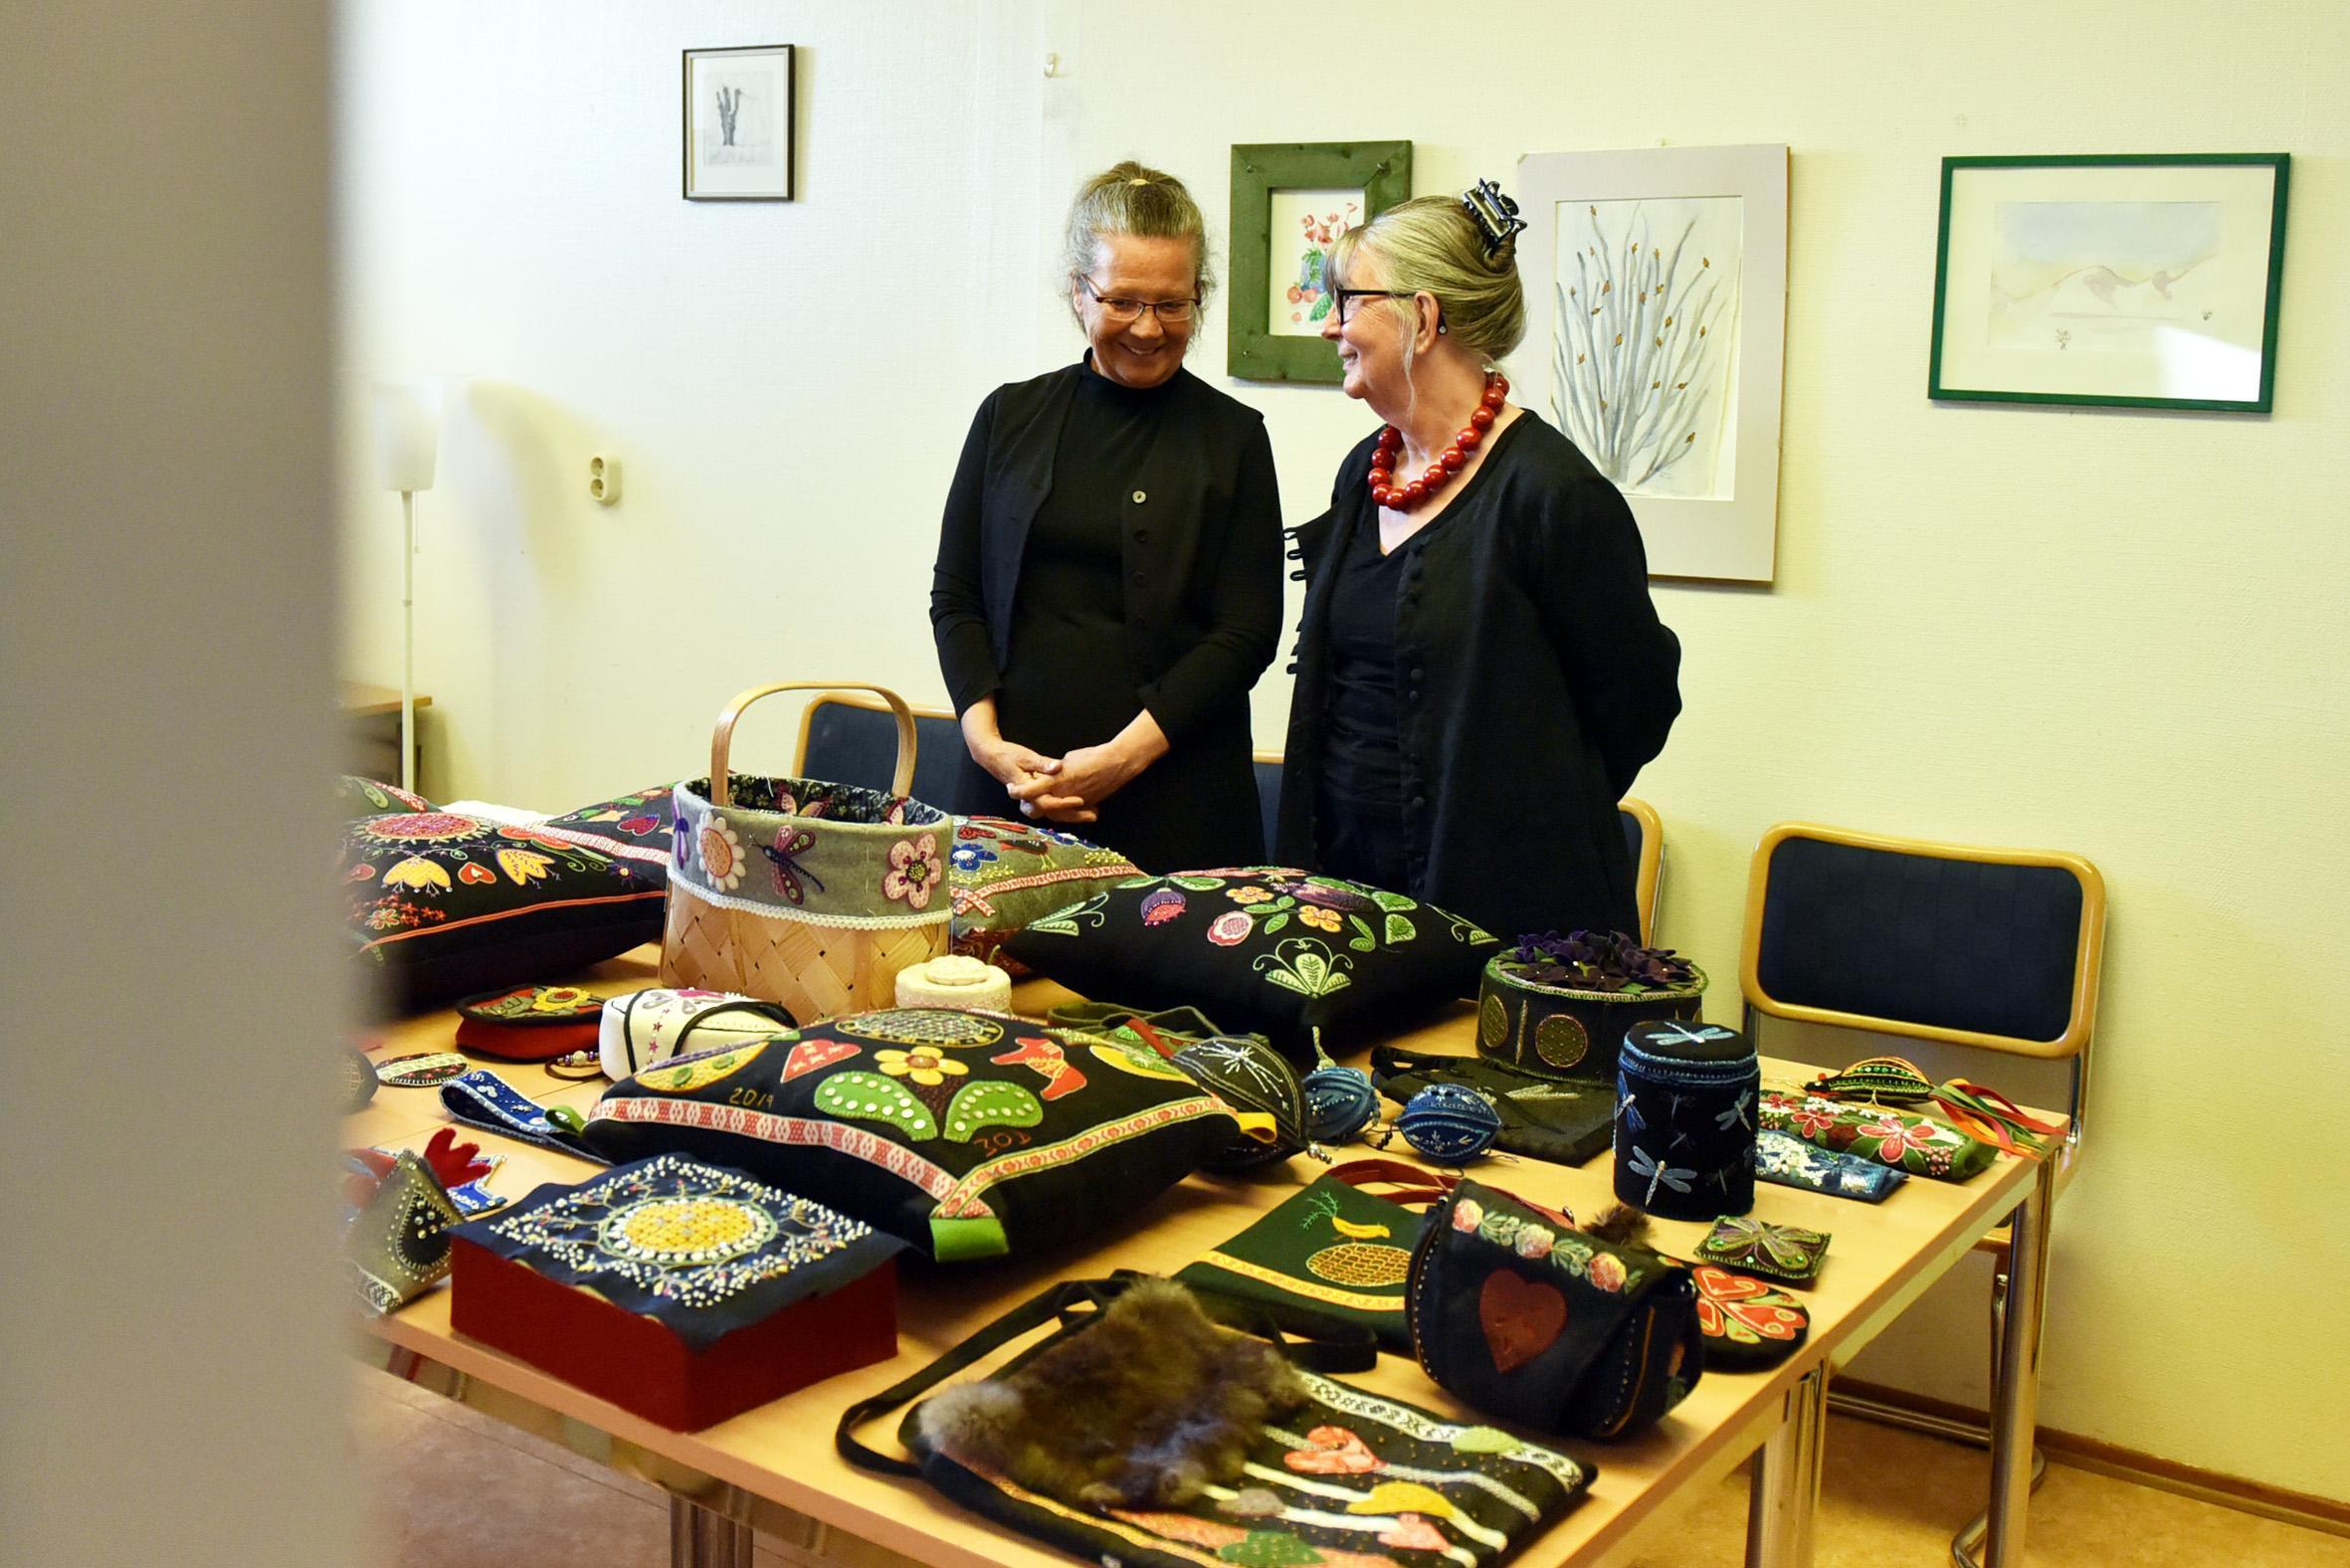 Åsa Westman och Backans Gun Johnsdotter tittar på ett axplock av det som deltagarna skapat under kursen.